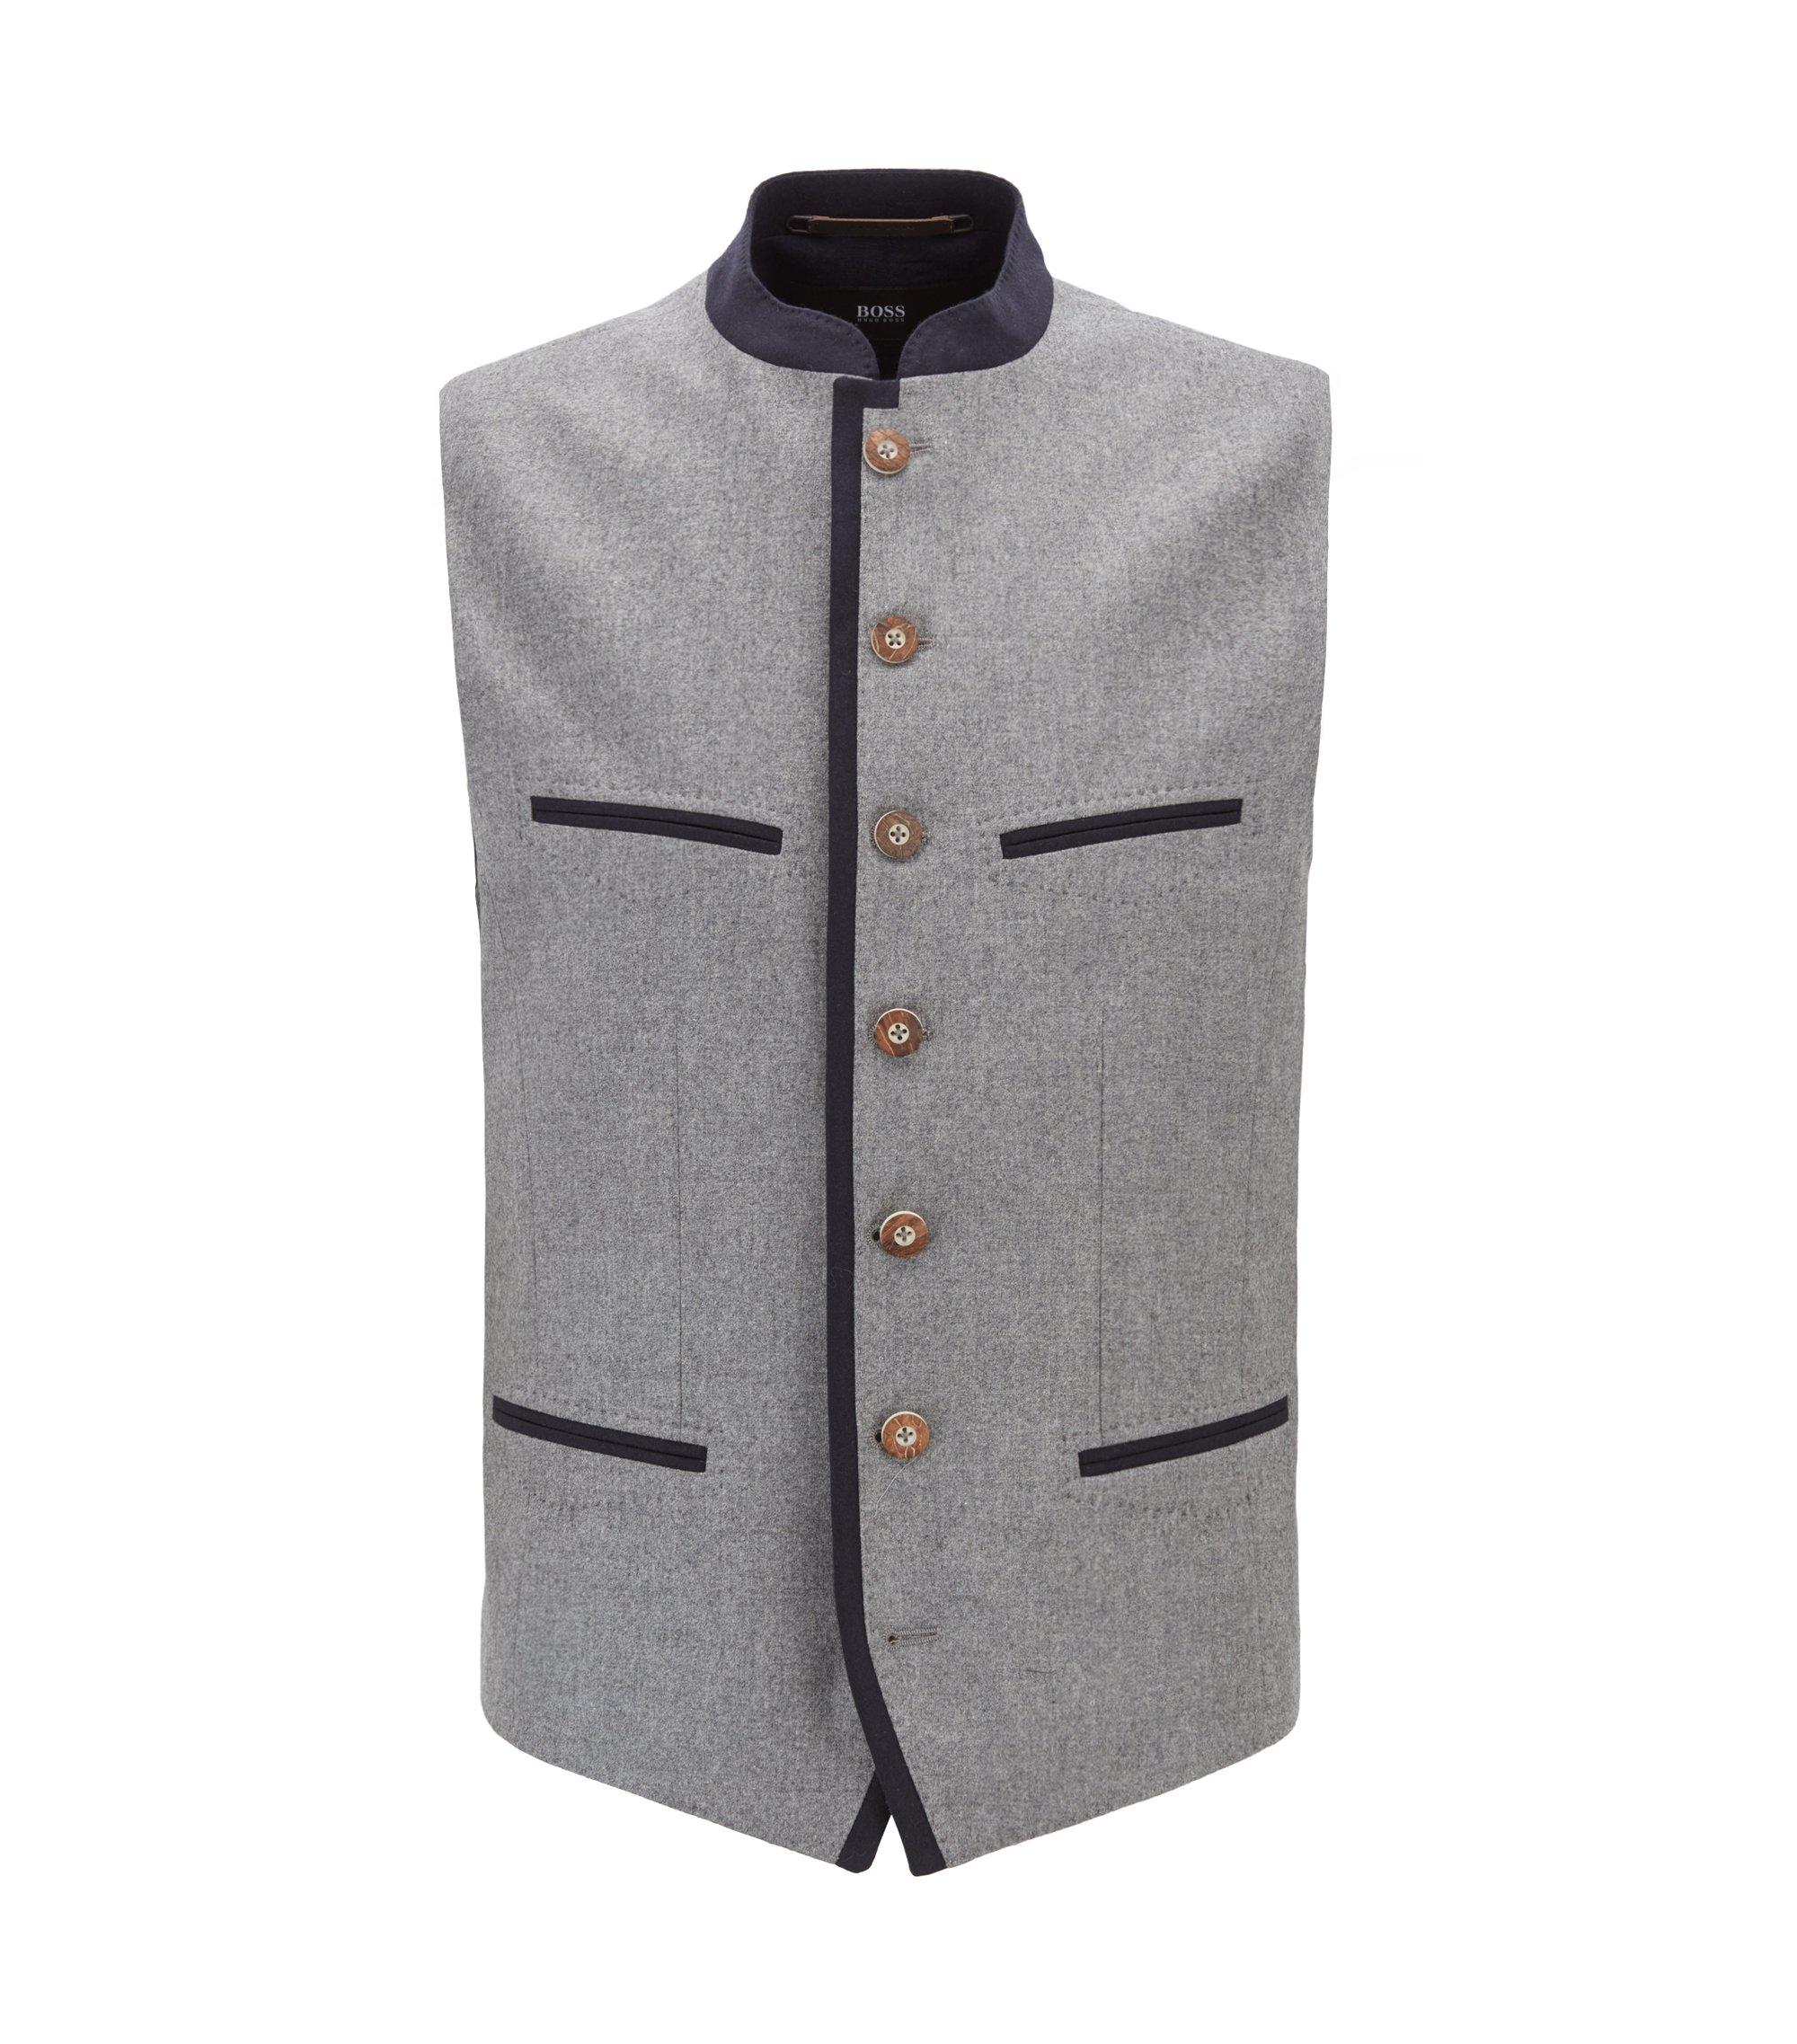 Gilet en laine vierge mélangée, inspiré du style vestimentaire de l'Oktoberfest, Gris